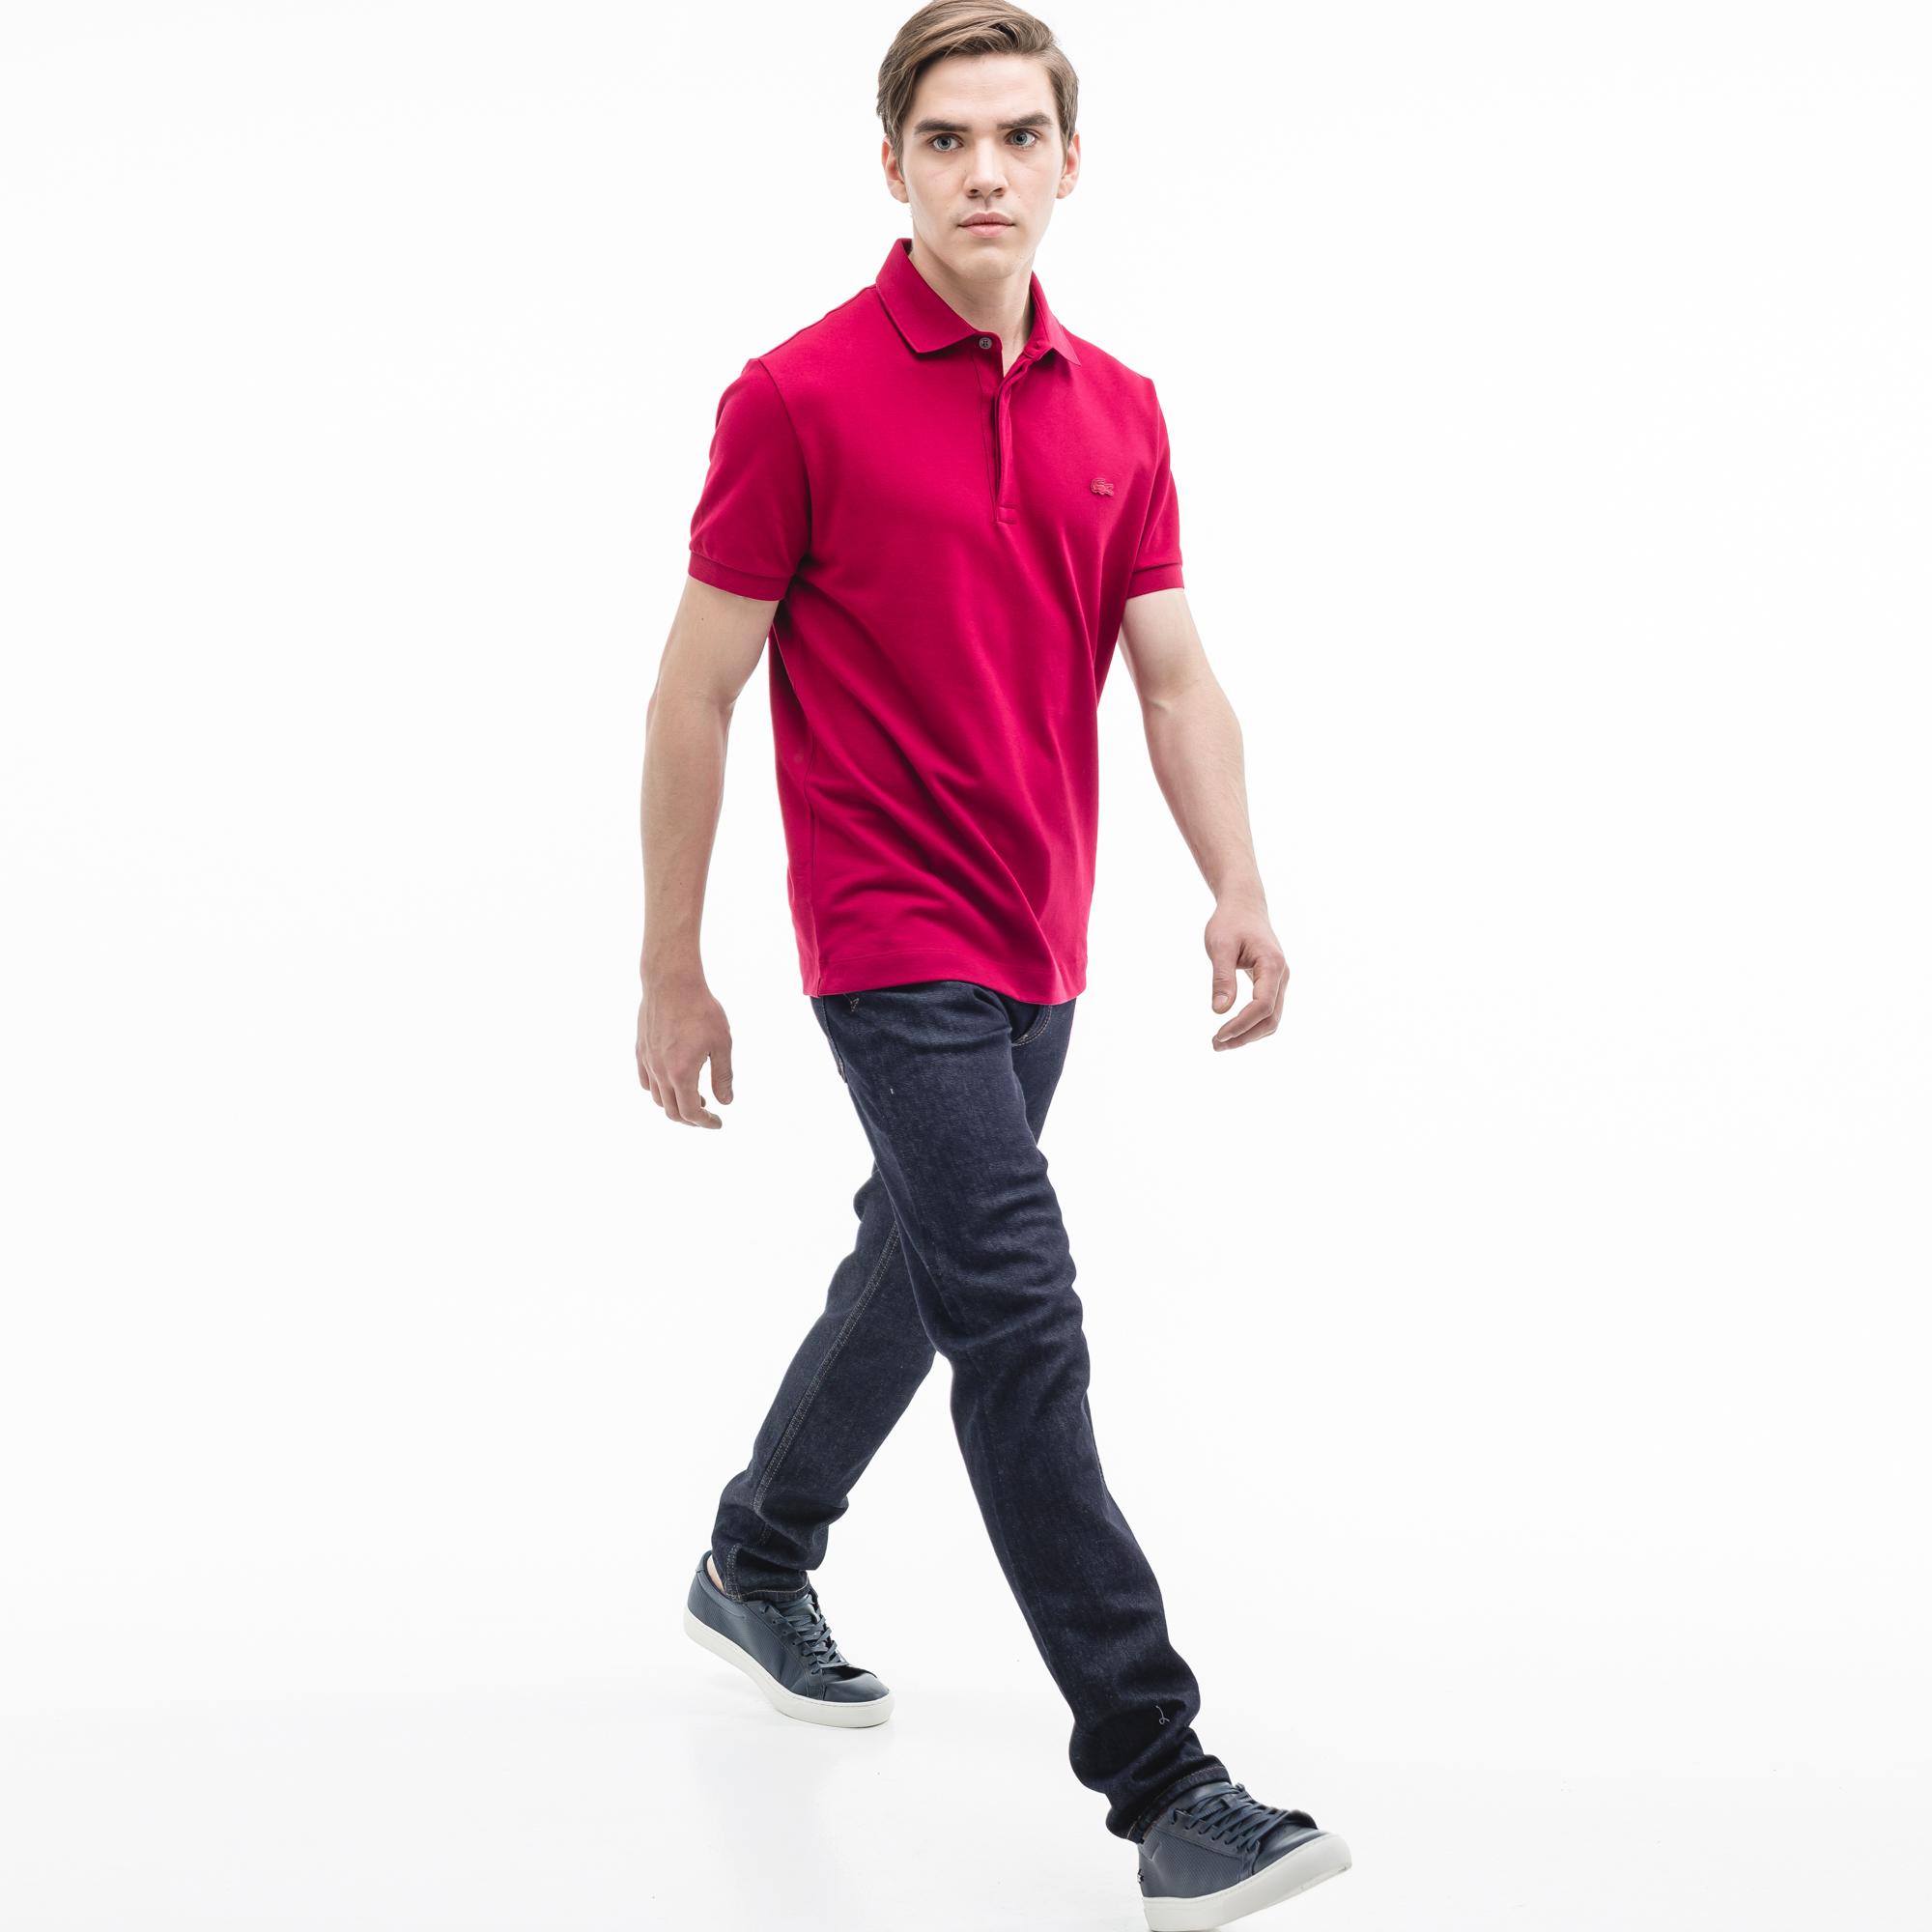 Джинсы Lacoste Slim fitБрюки<br>Детали: стильные мужские джинсы  \ Материал: 98% хлопок 2% эластан 50% хлопок 50% полиэстер \ Страна производства: Тунис